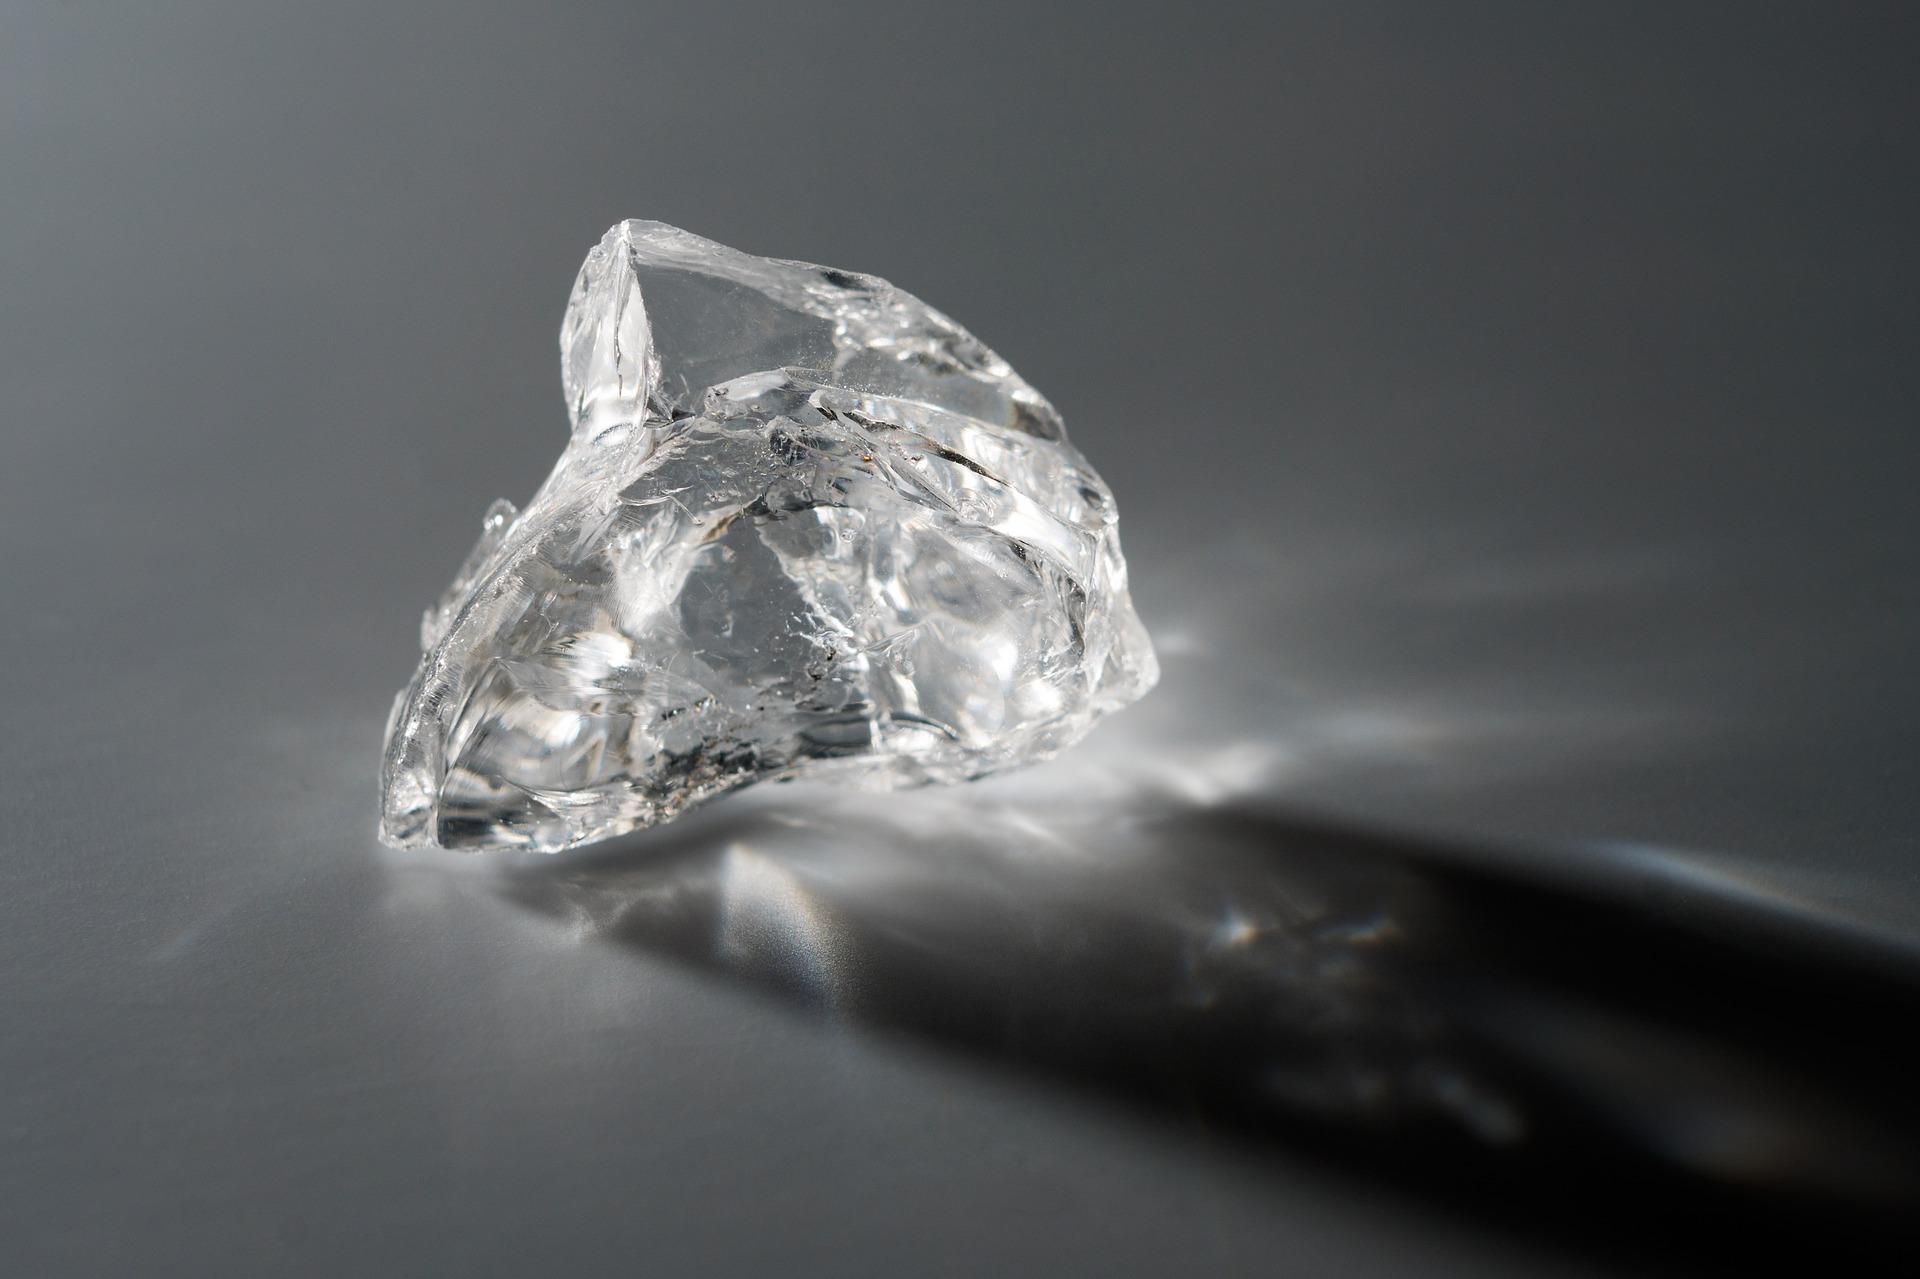 glass-1476905_1920.jpg